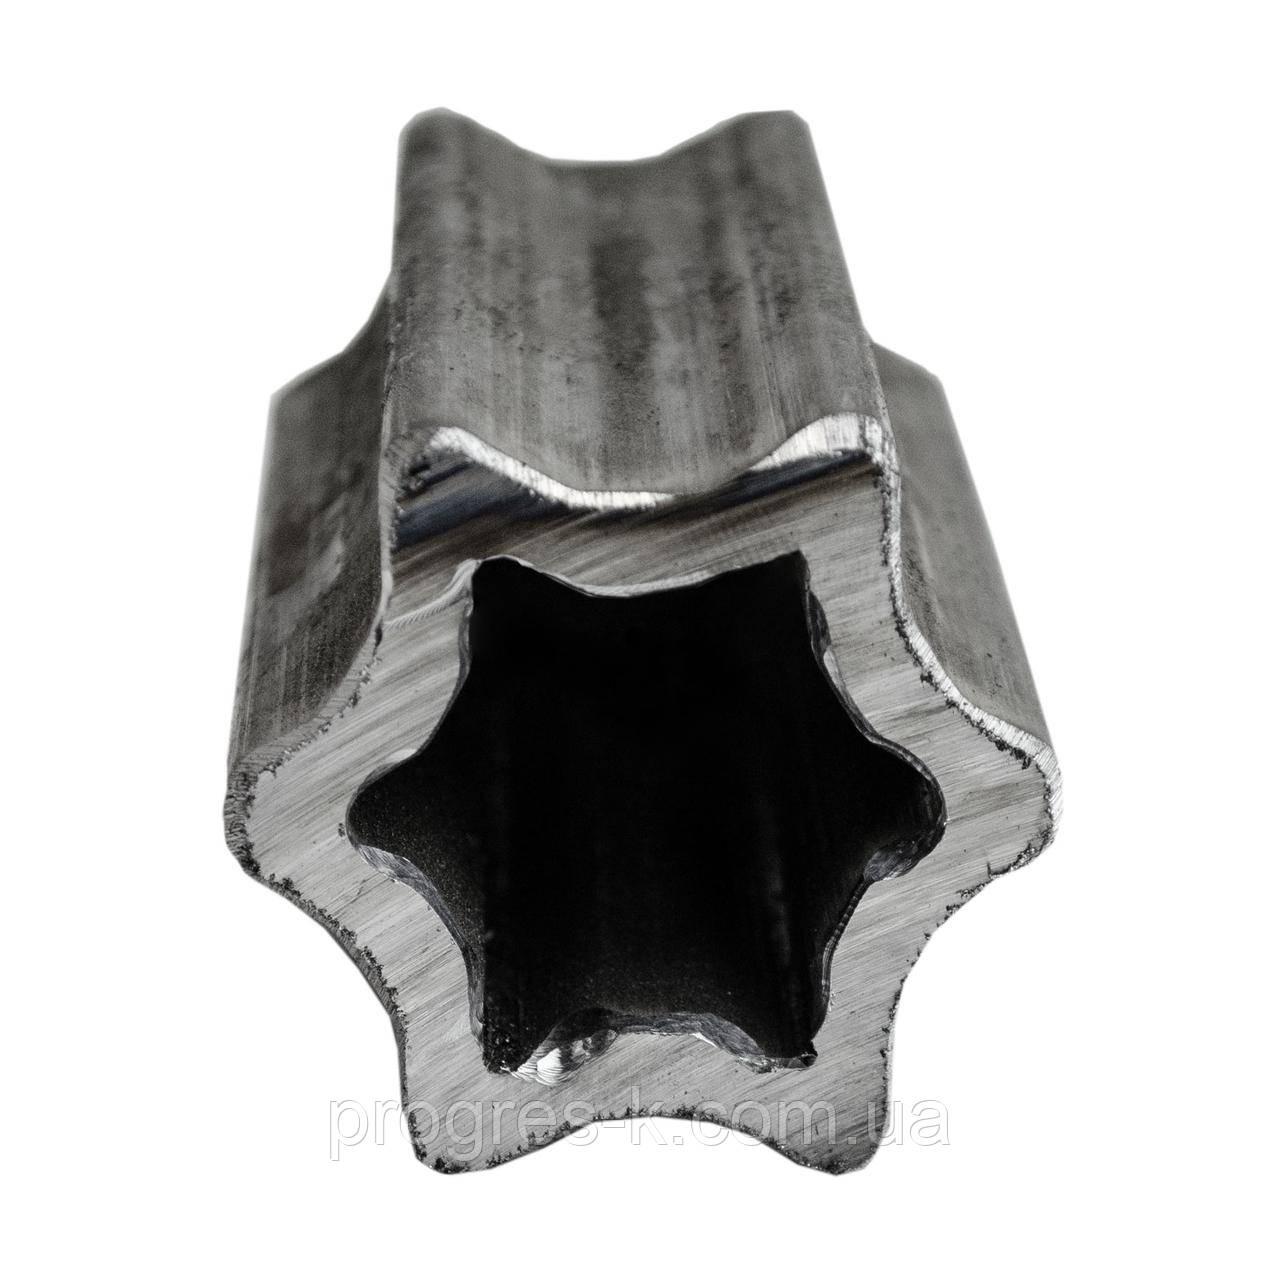 Труба шестигранная внутренняя S60 (м.) (47,4х5)